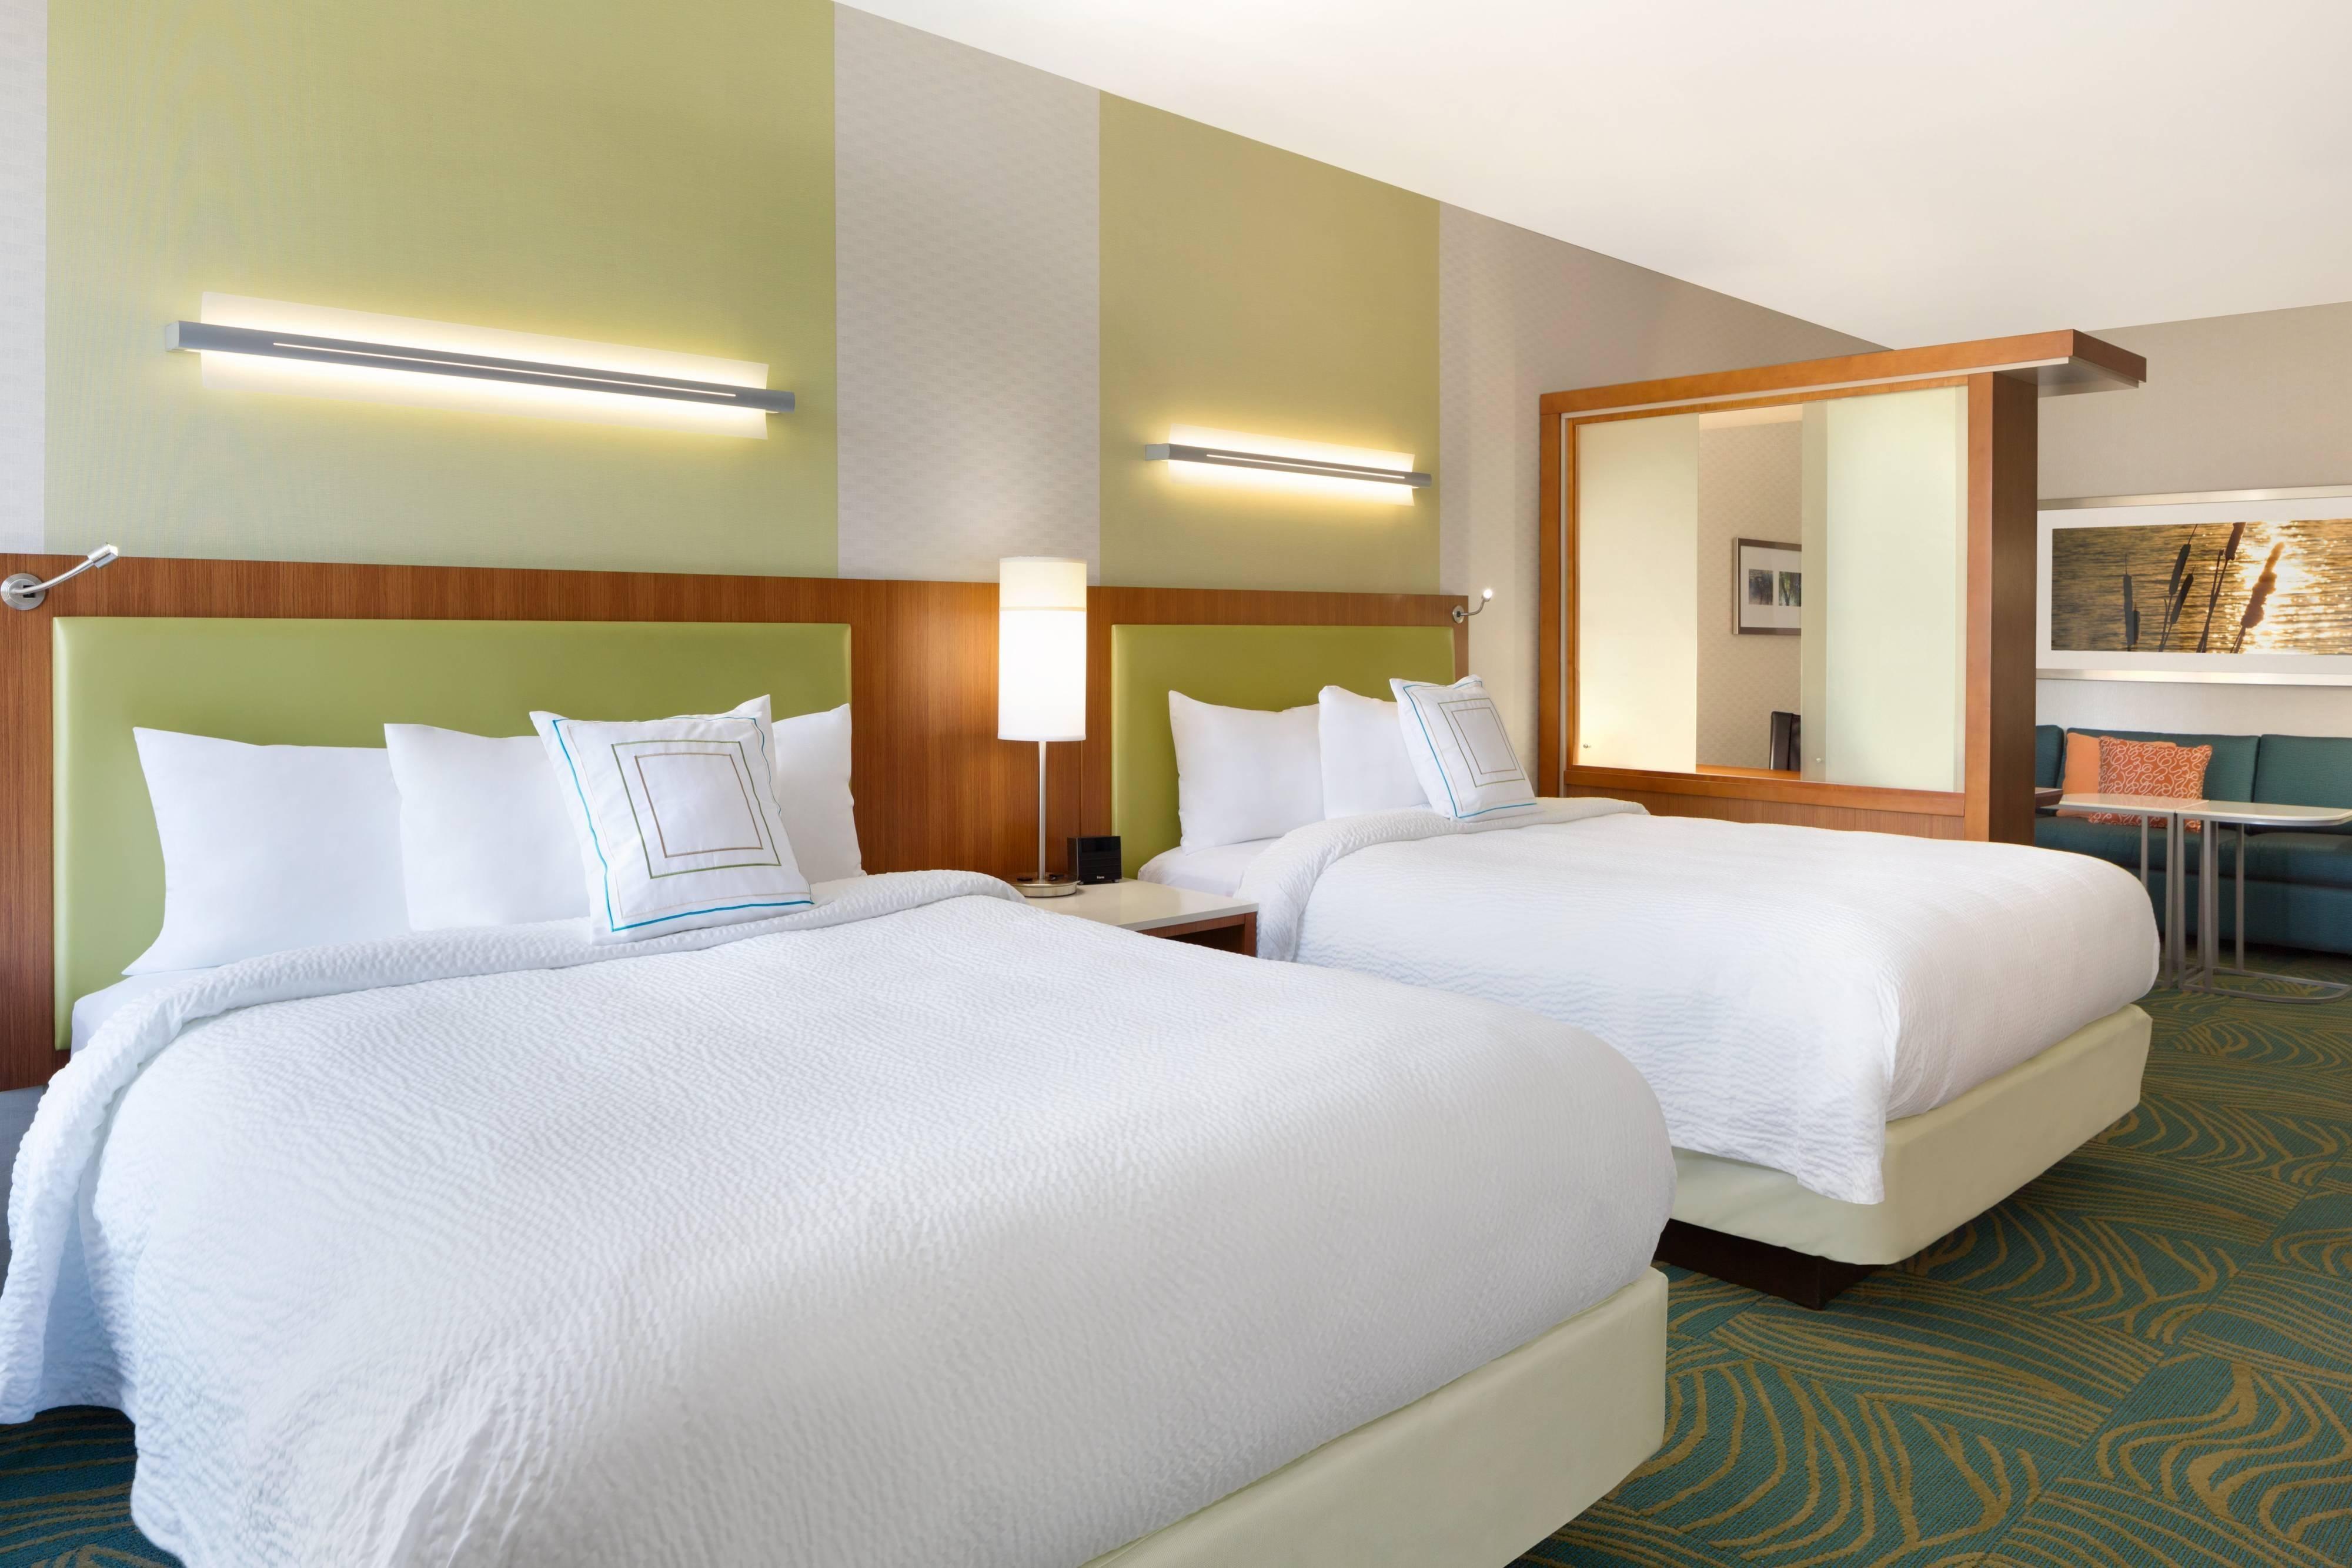 Suite mit zwei Queensize-Betten - Schlafbereich